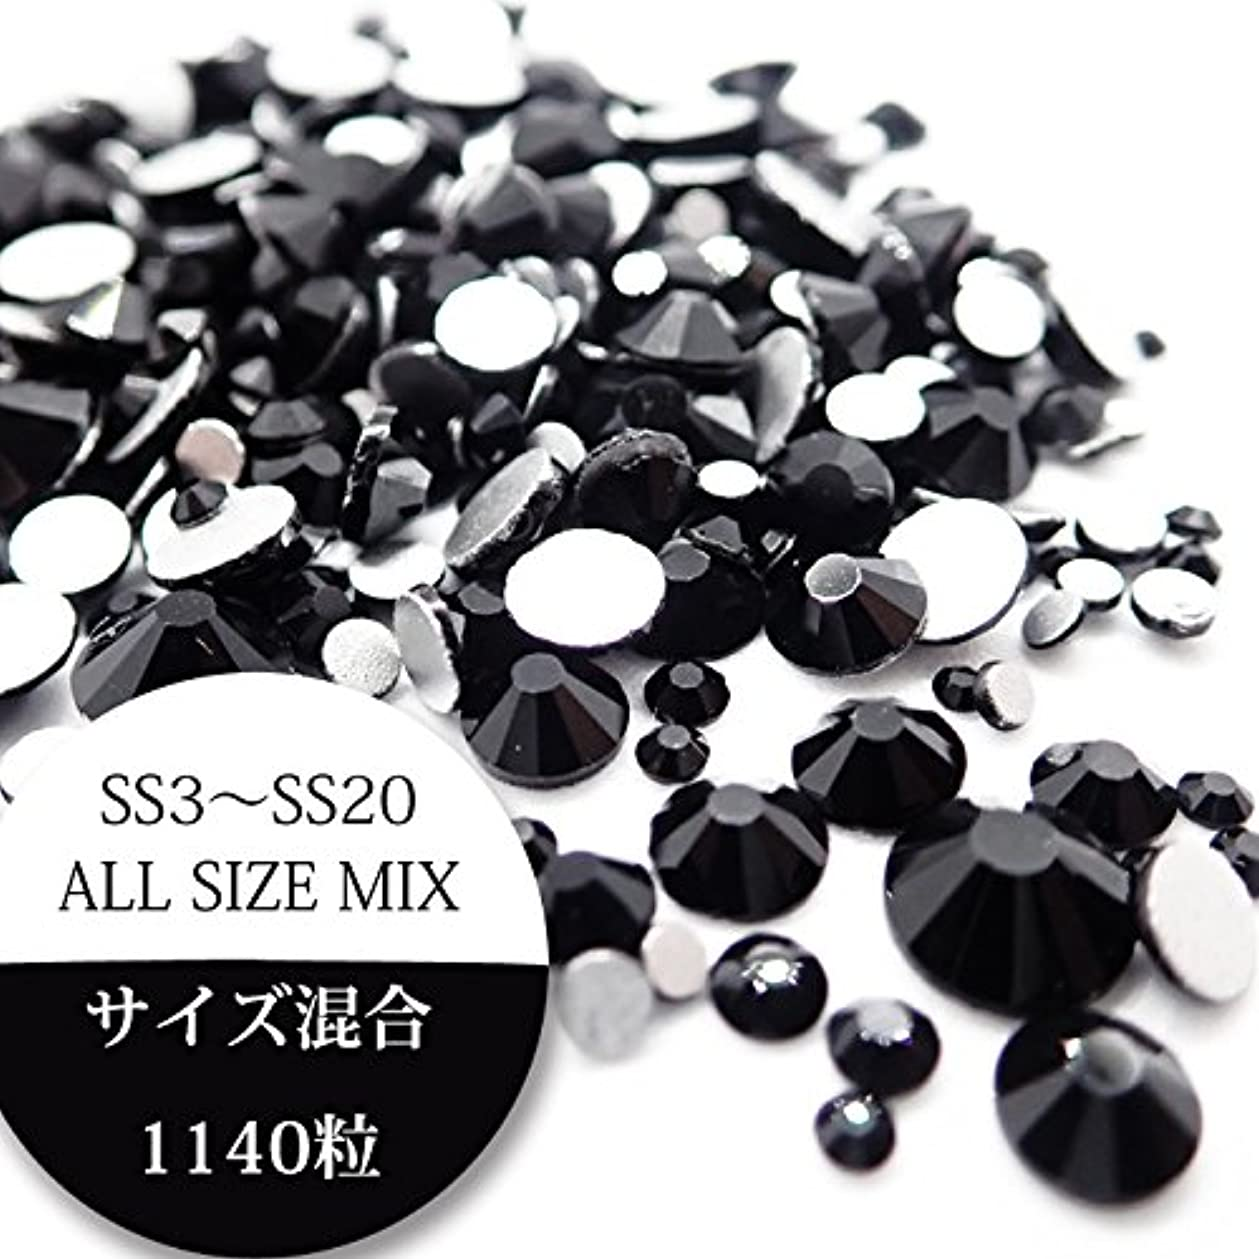 スライム実行ミケランジェロスワロ代用 スワロに近い輝き ジェット Crystal Diamond サイズミックス 1140粒 SS3 SS5 SS6 SS10 SS12 SS8 SS16 SS20 SS30 SS40 SS50